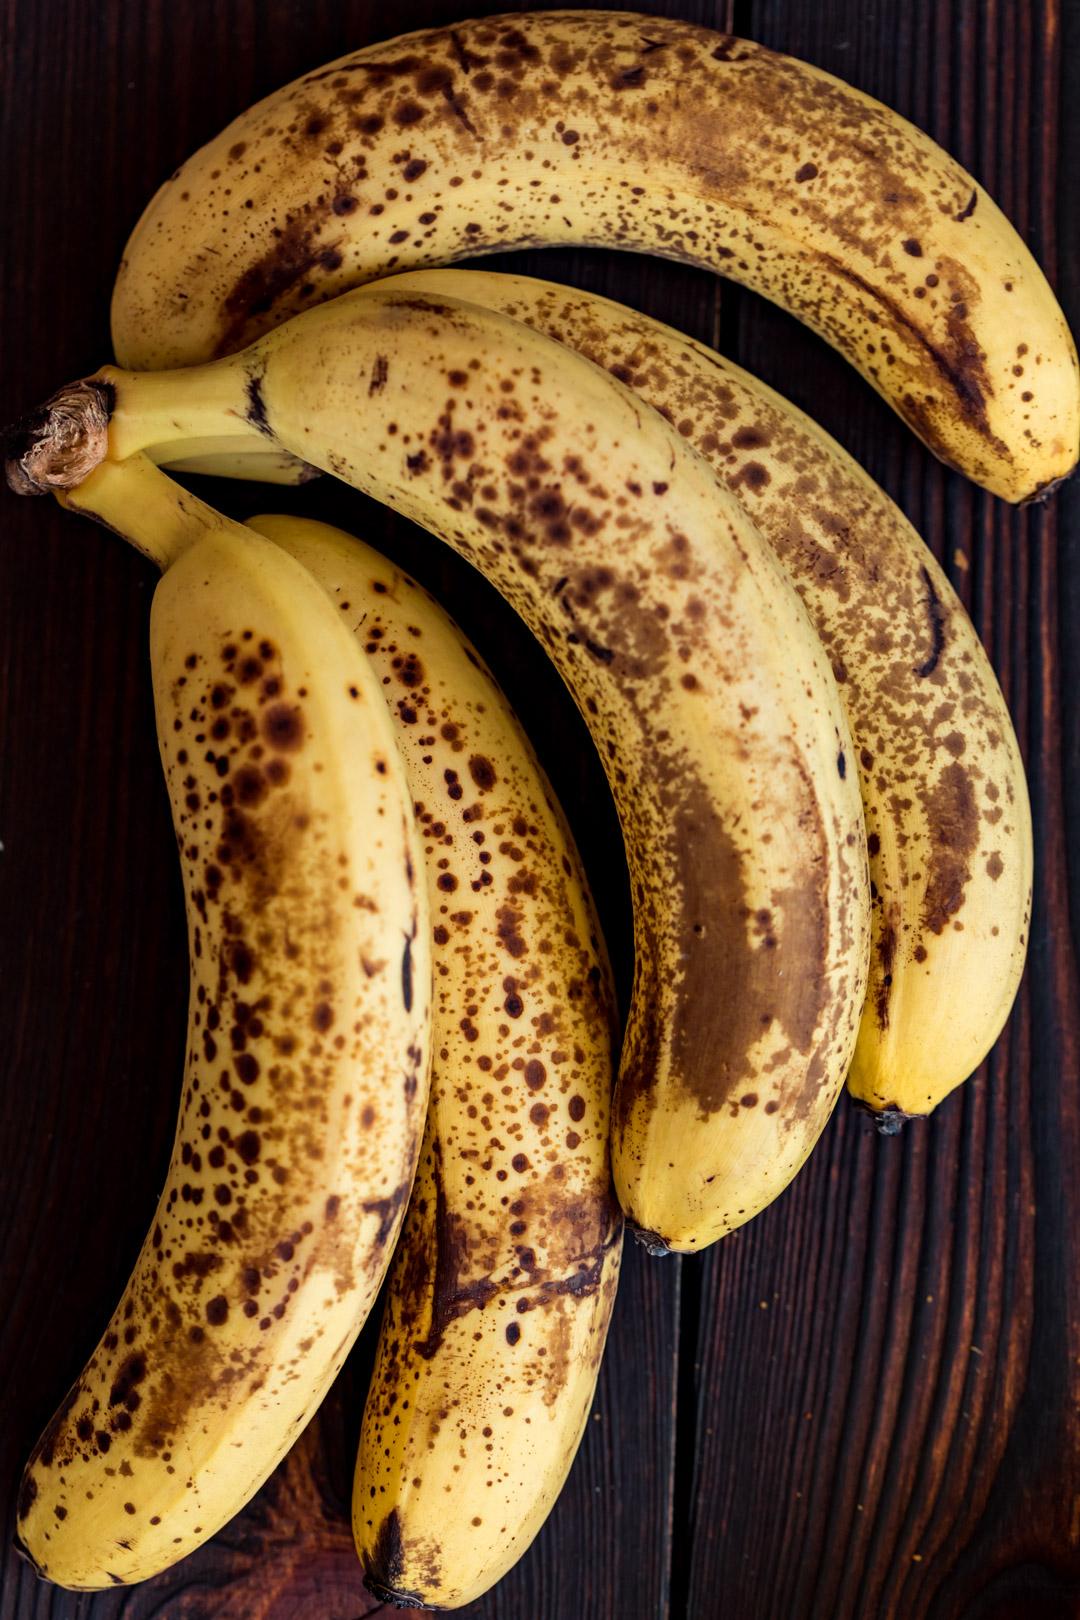 Caramelized Banana Frangipane Tart